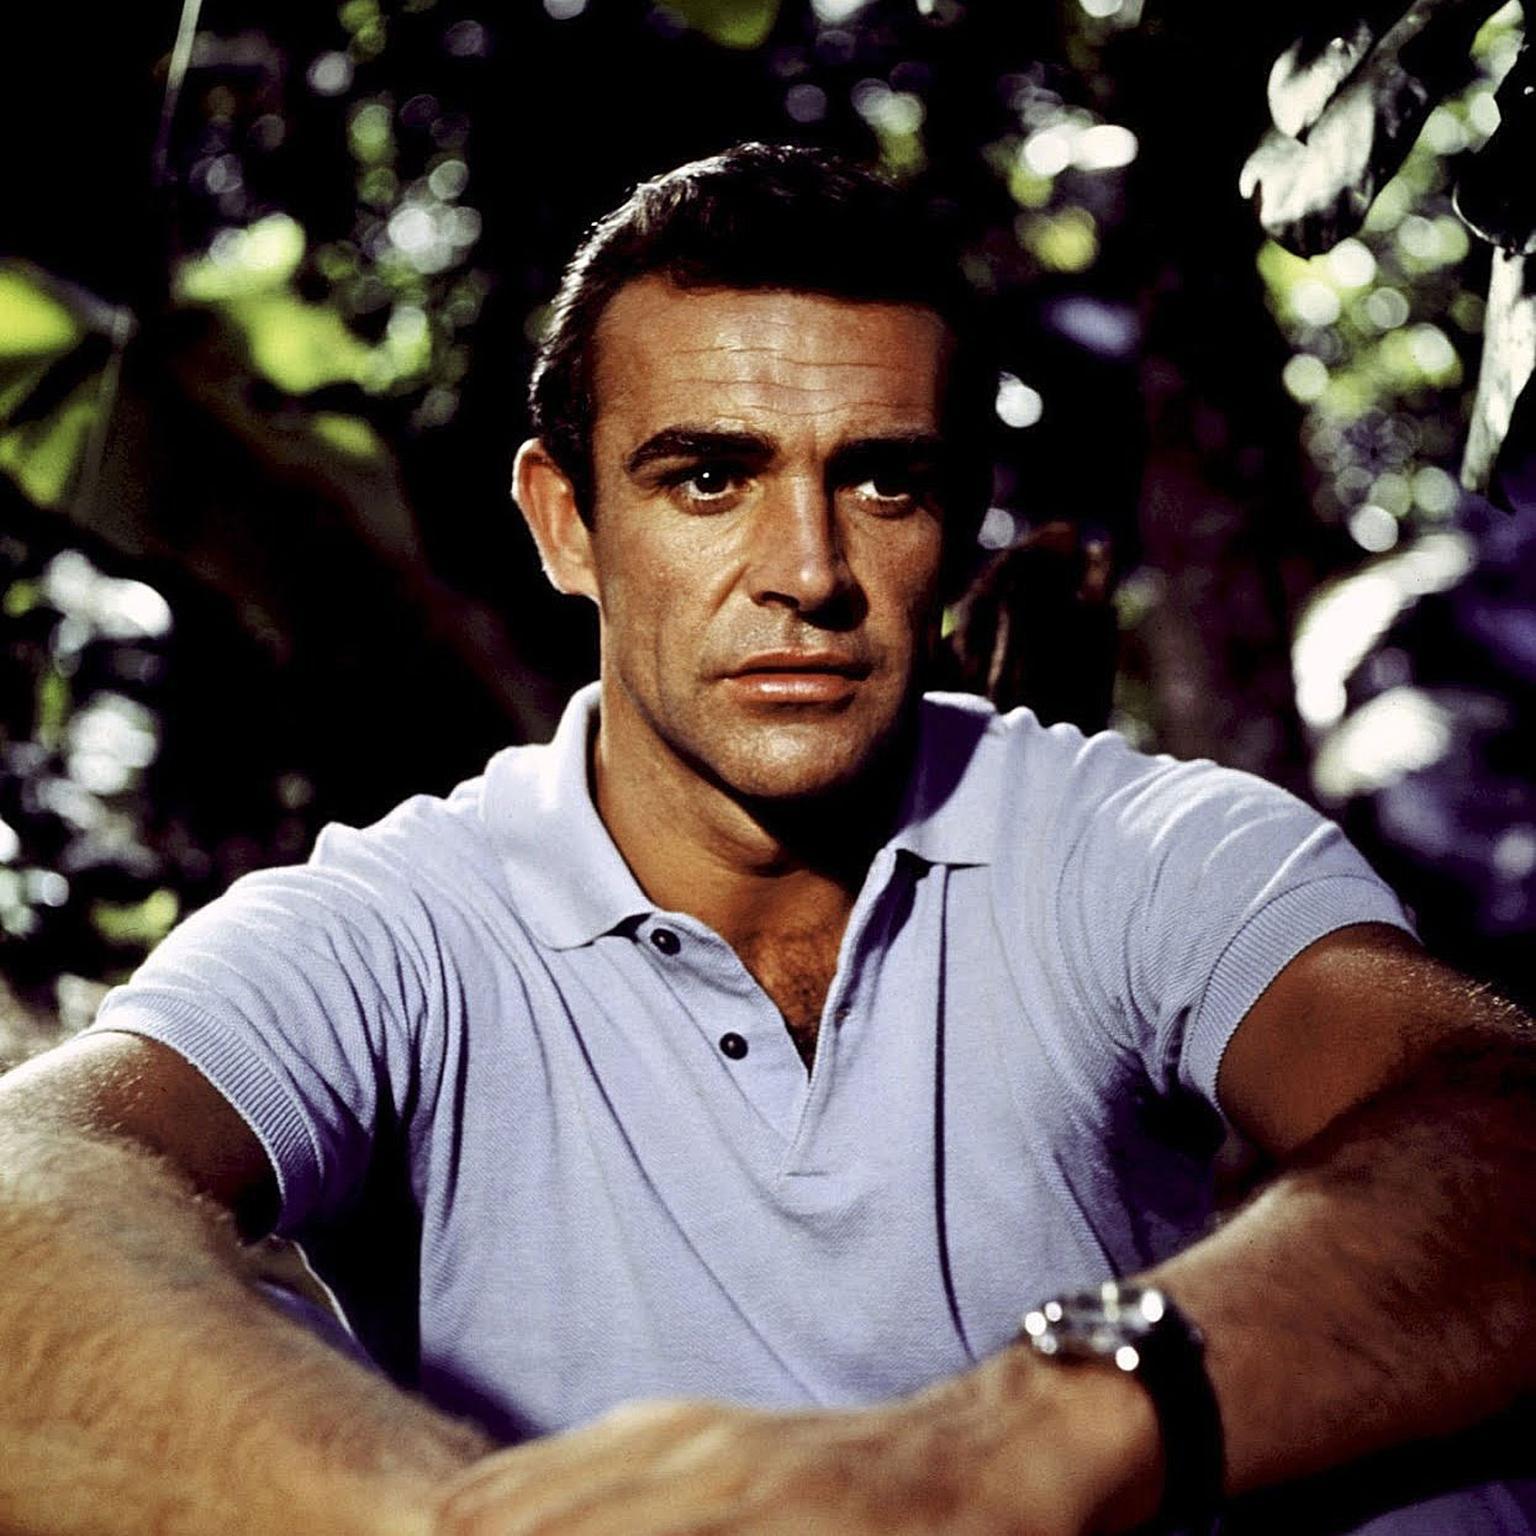 James Bond and Rolex